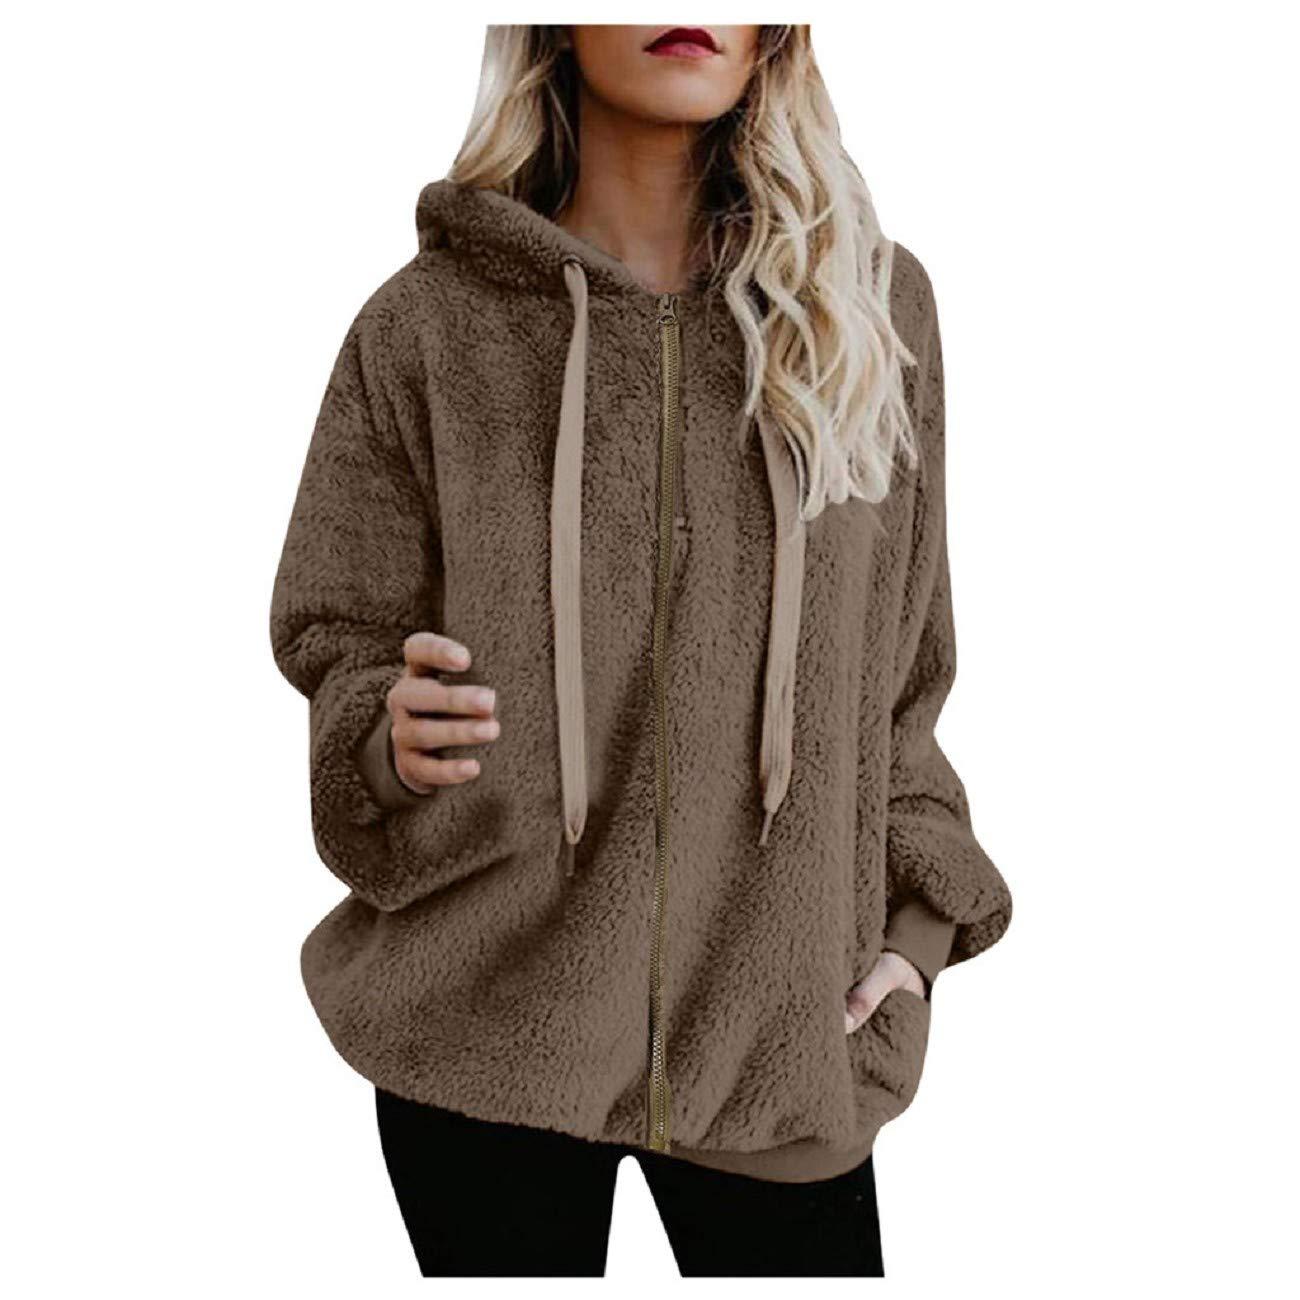 Boomboom Women Hooded Sweatshirt Plus Size Polar Fleece Pullover Coat Winter Warm Wool Zipper Pockets Coat Outwear by Boomboom Women Blouses